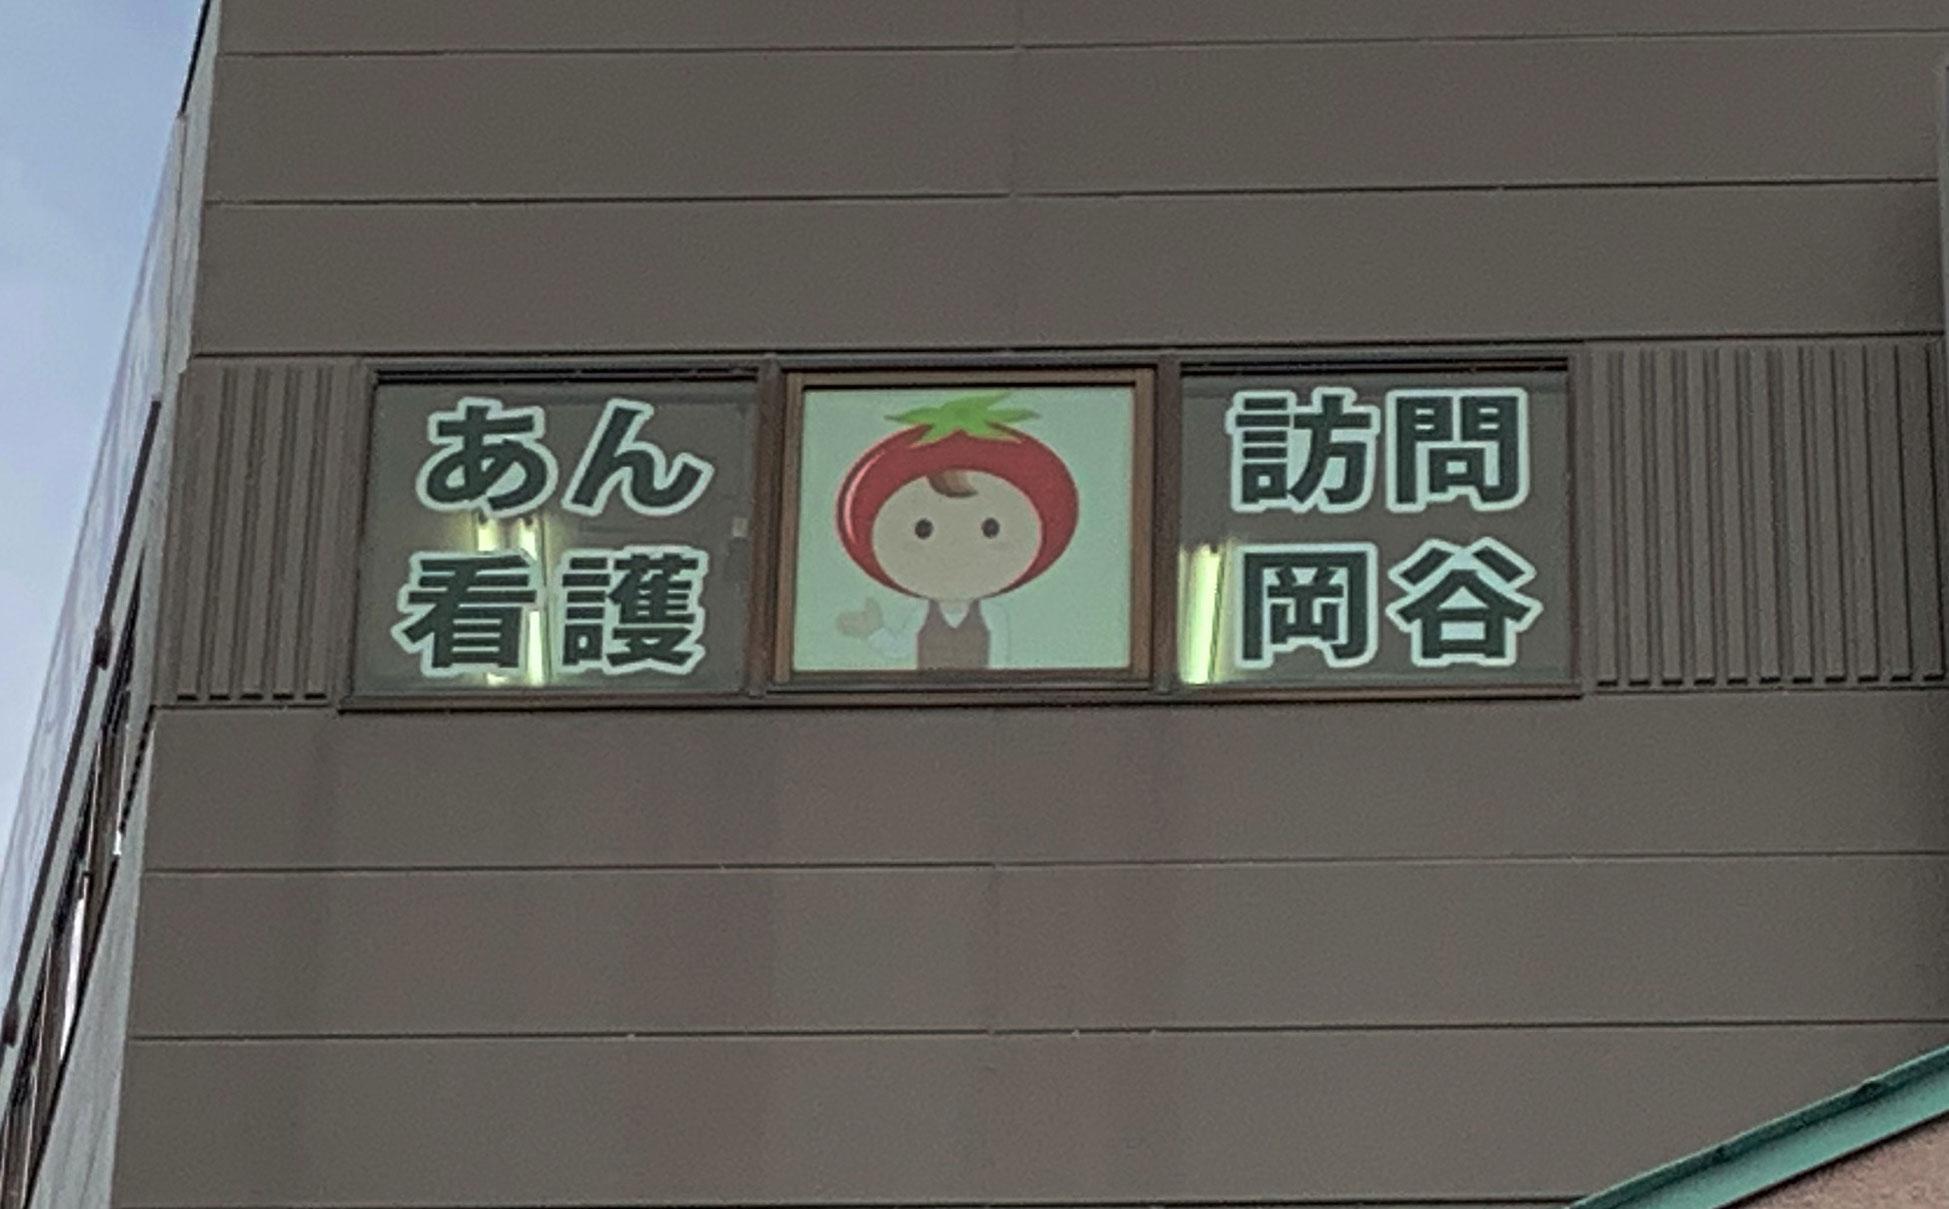 5F窓カッティングシート(あん訪問看護岡谷様)